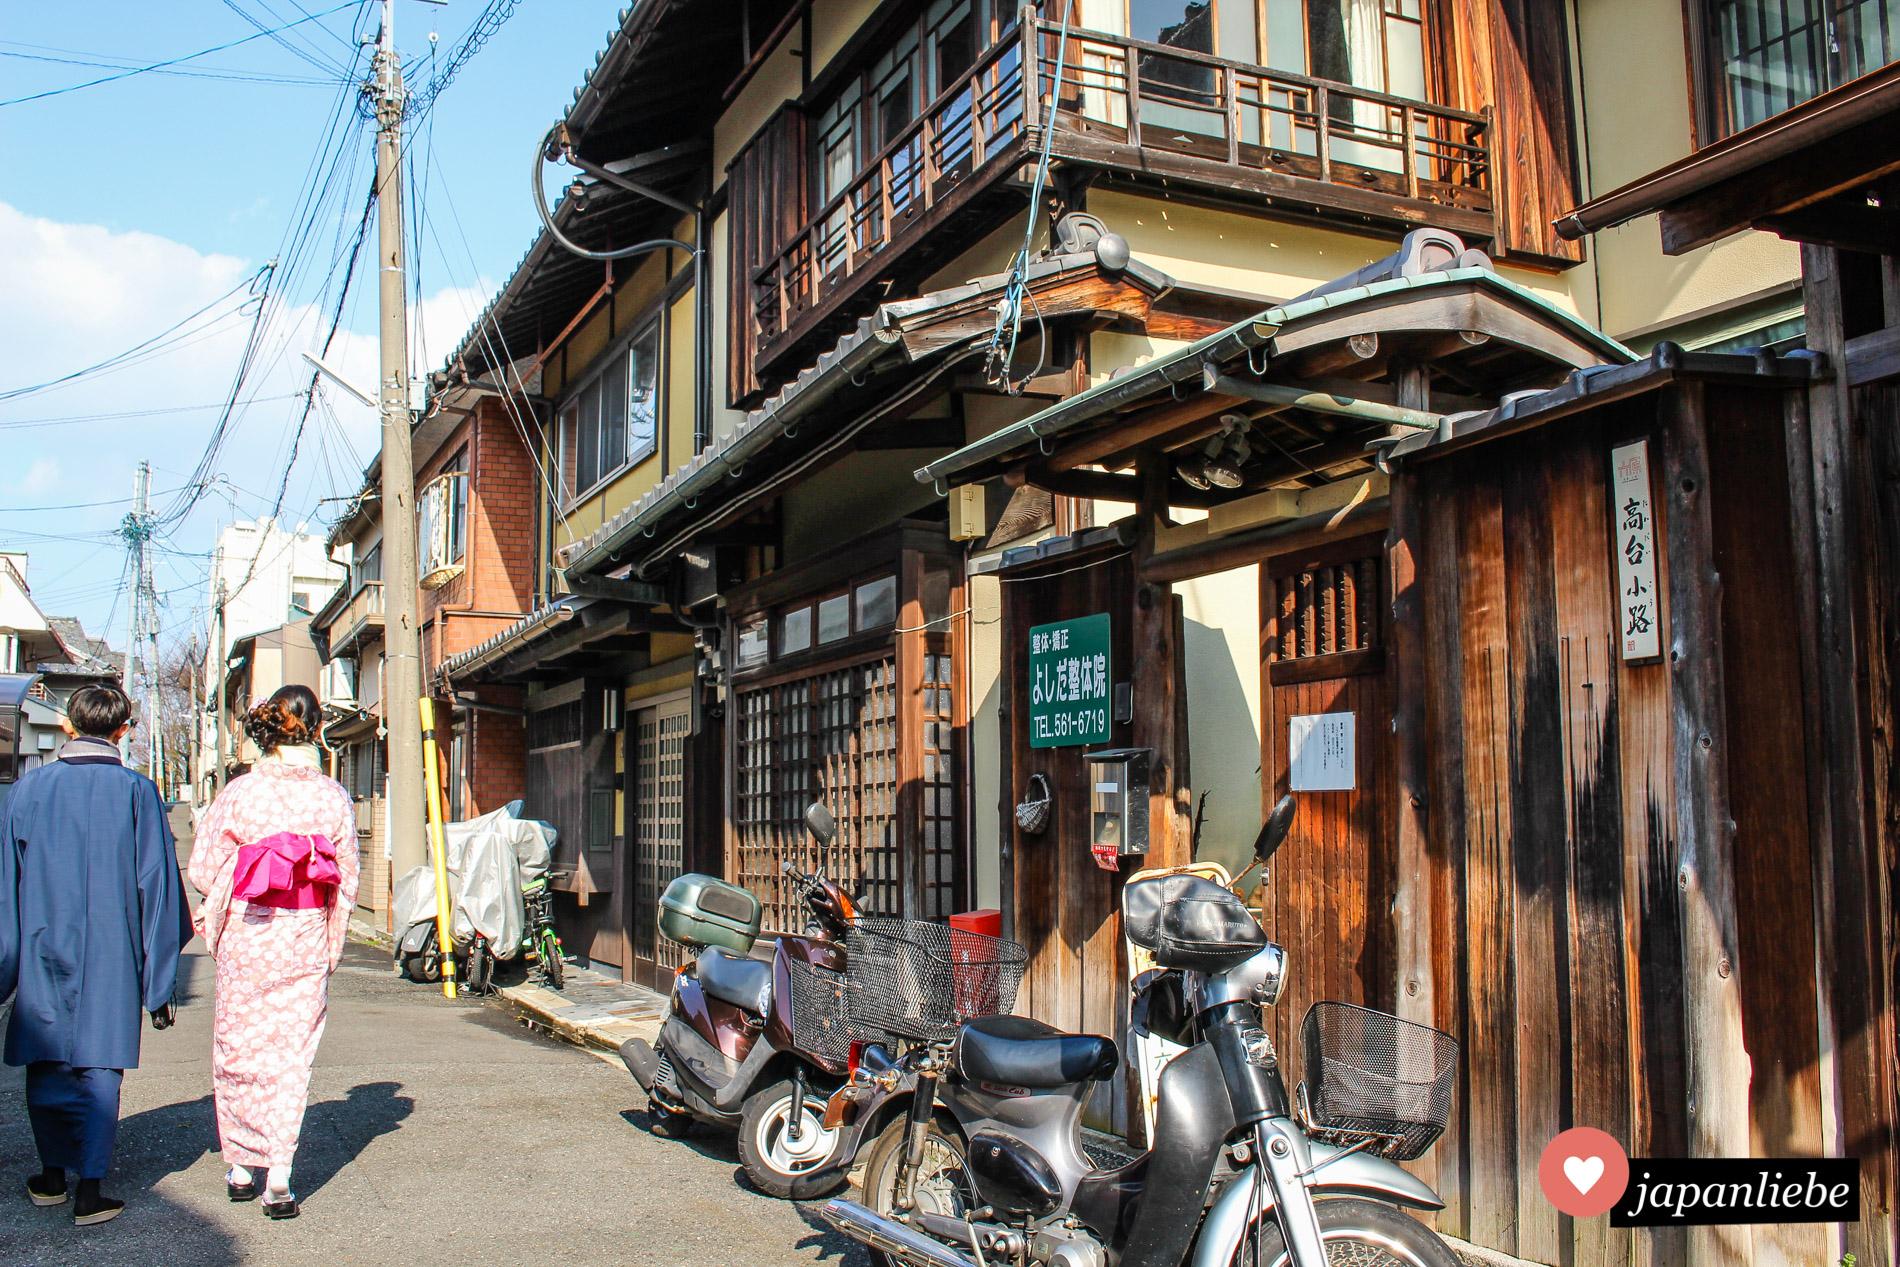 Traditionelle Architektur trifft auf die große Freiheit in Form eines Motorrads.